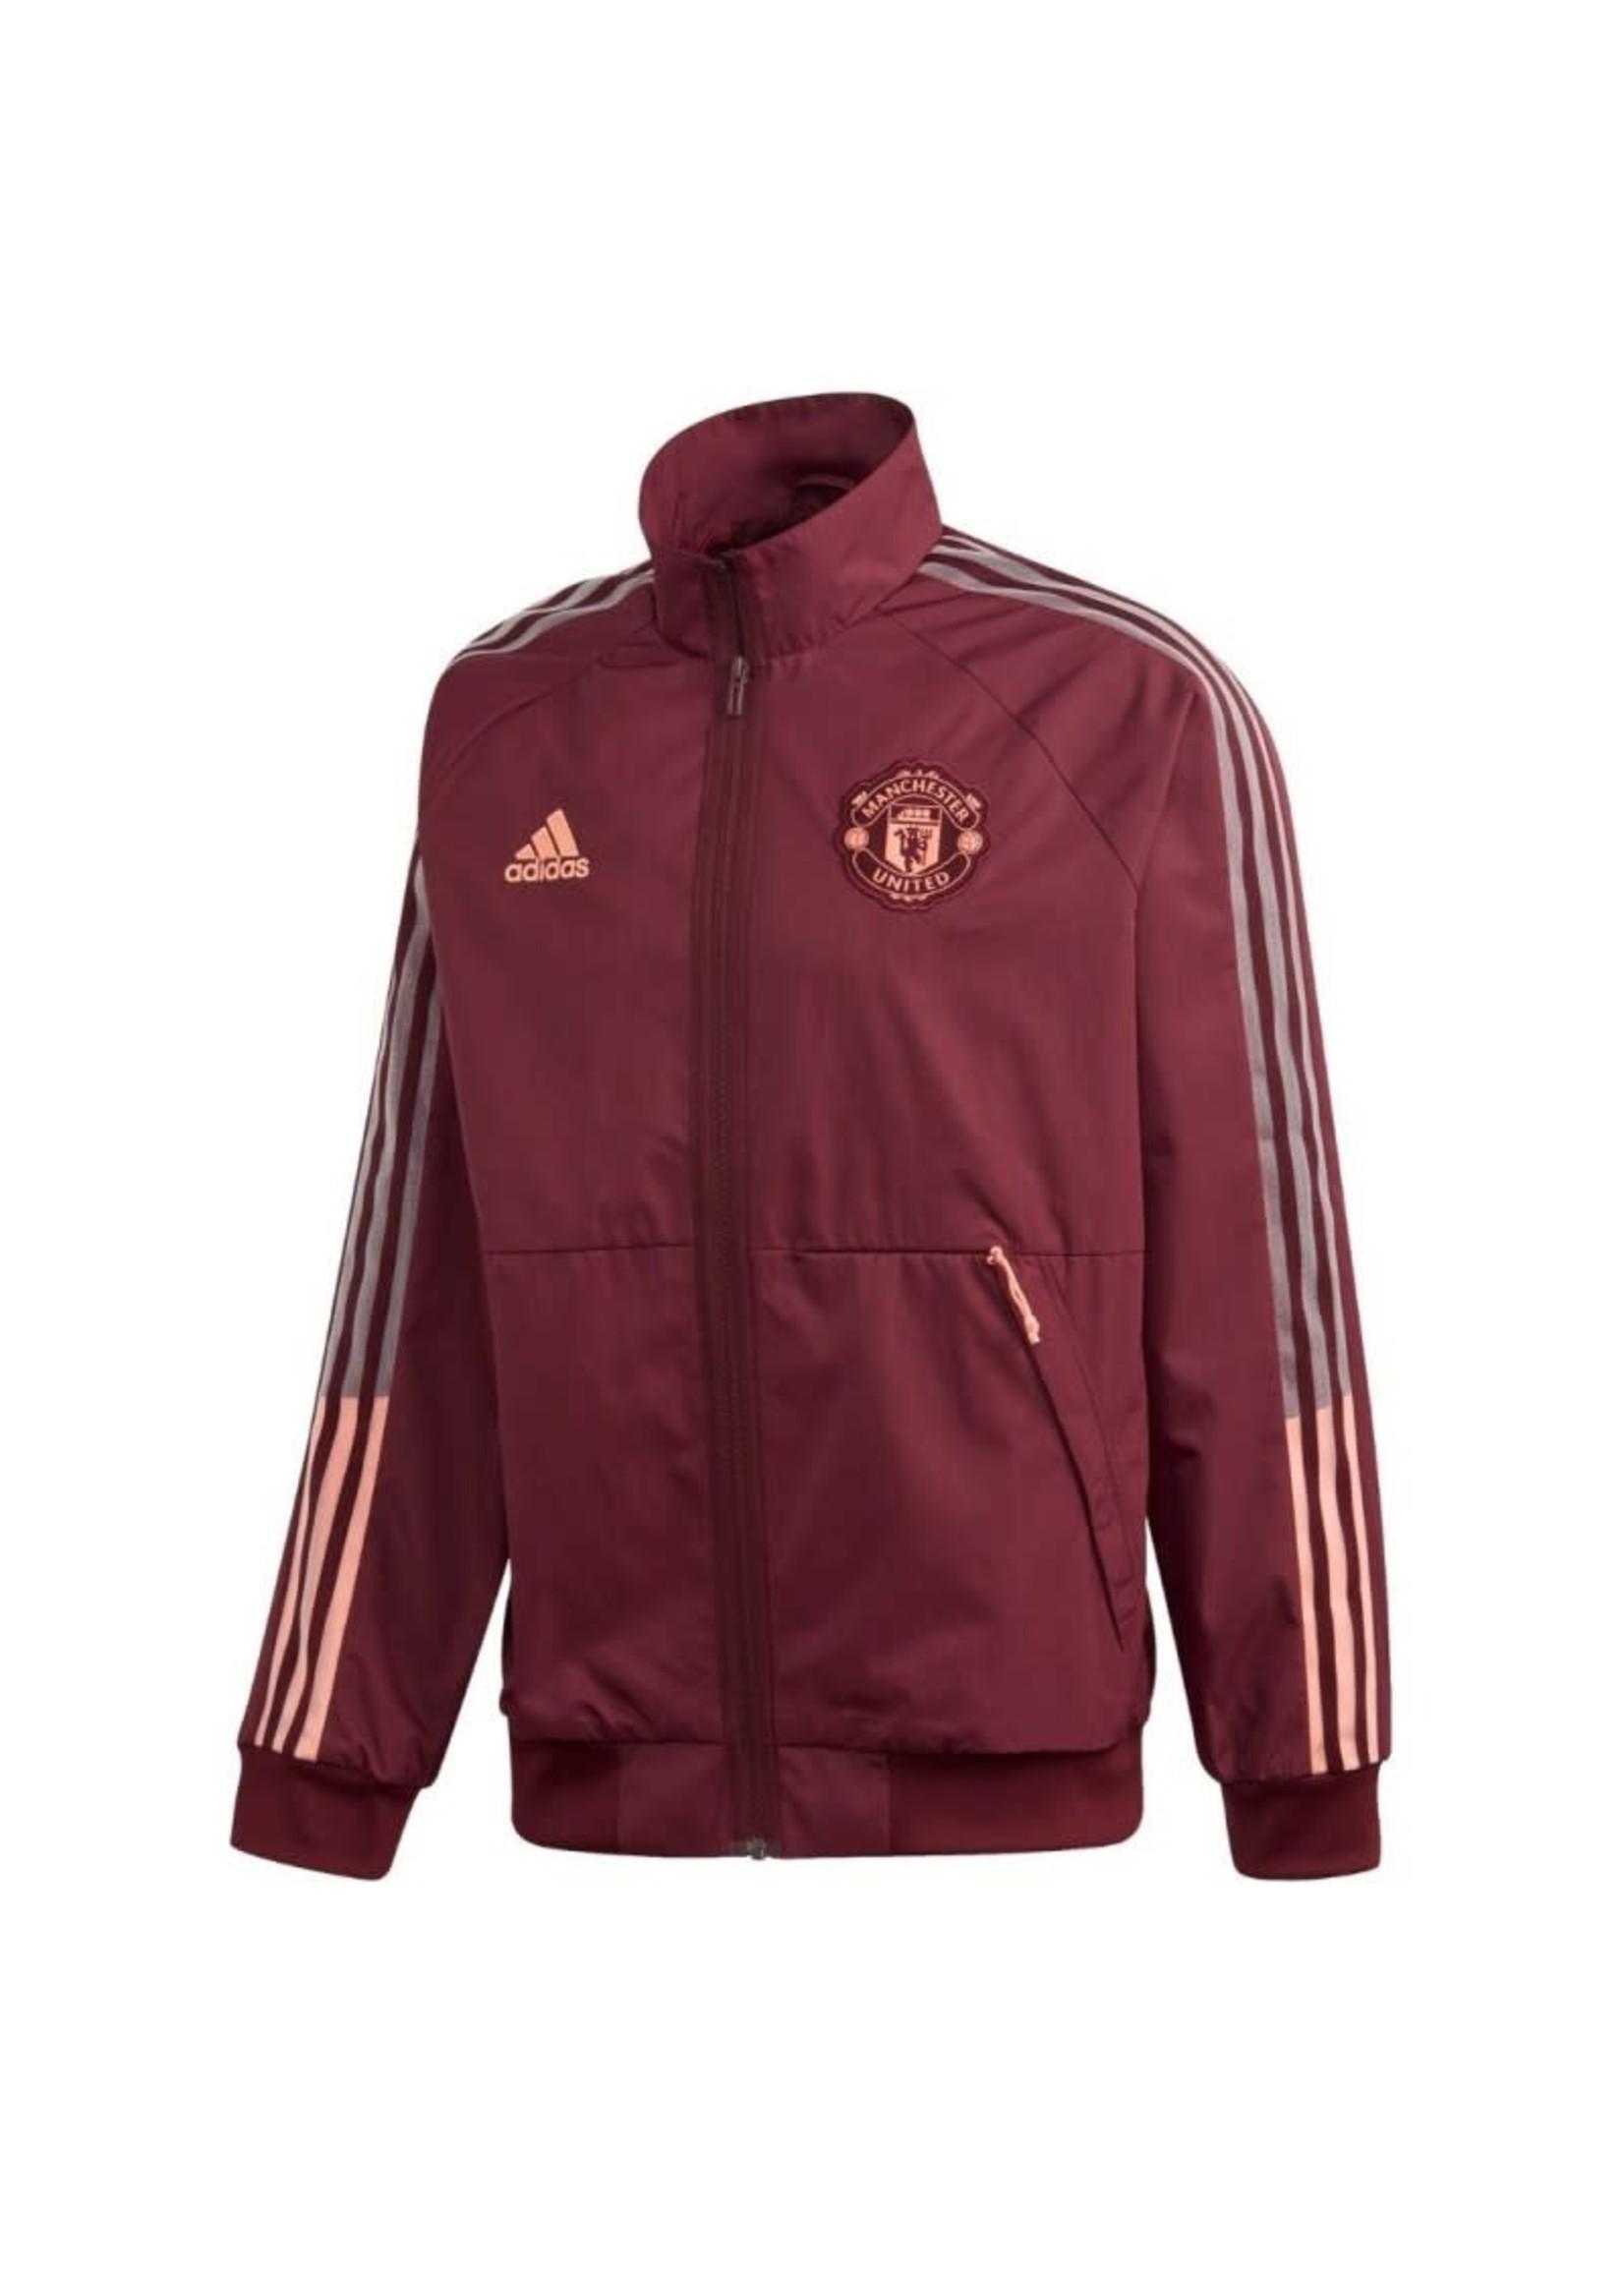 Adidas Manchester United Anthem Jacket Full Zip